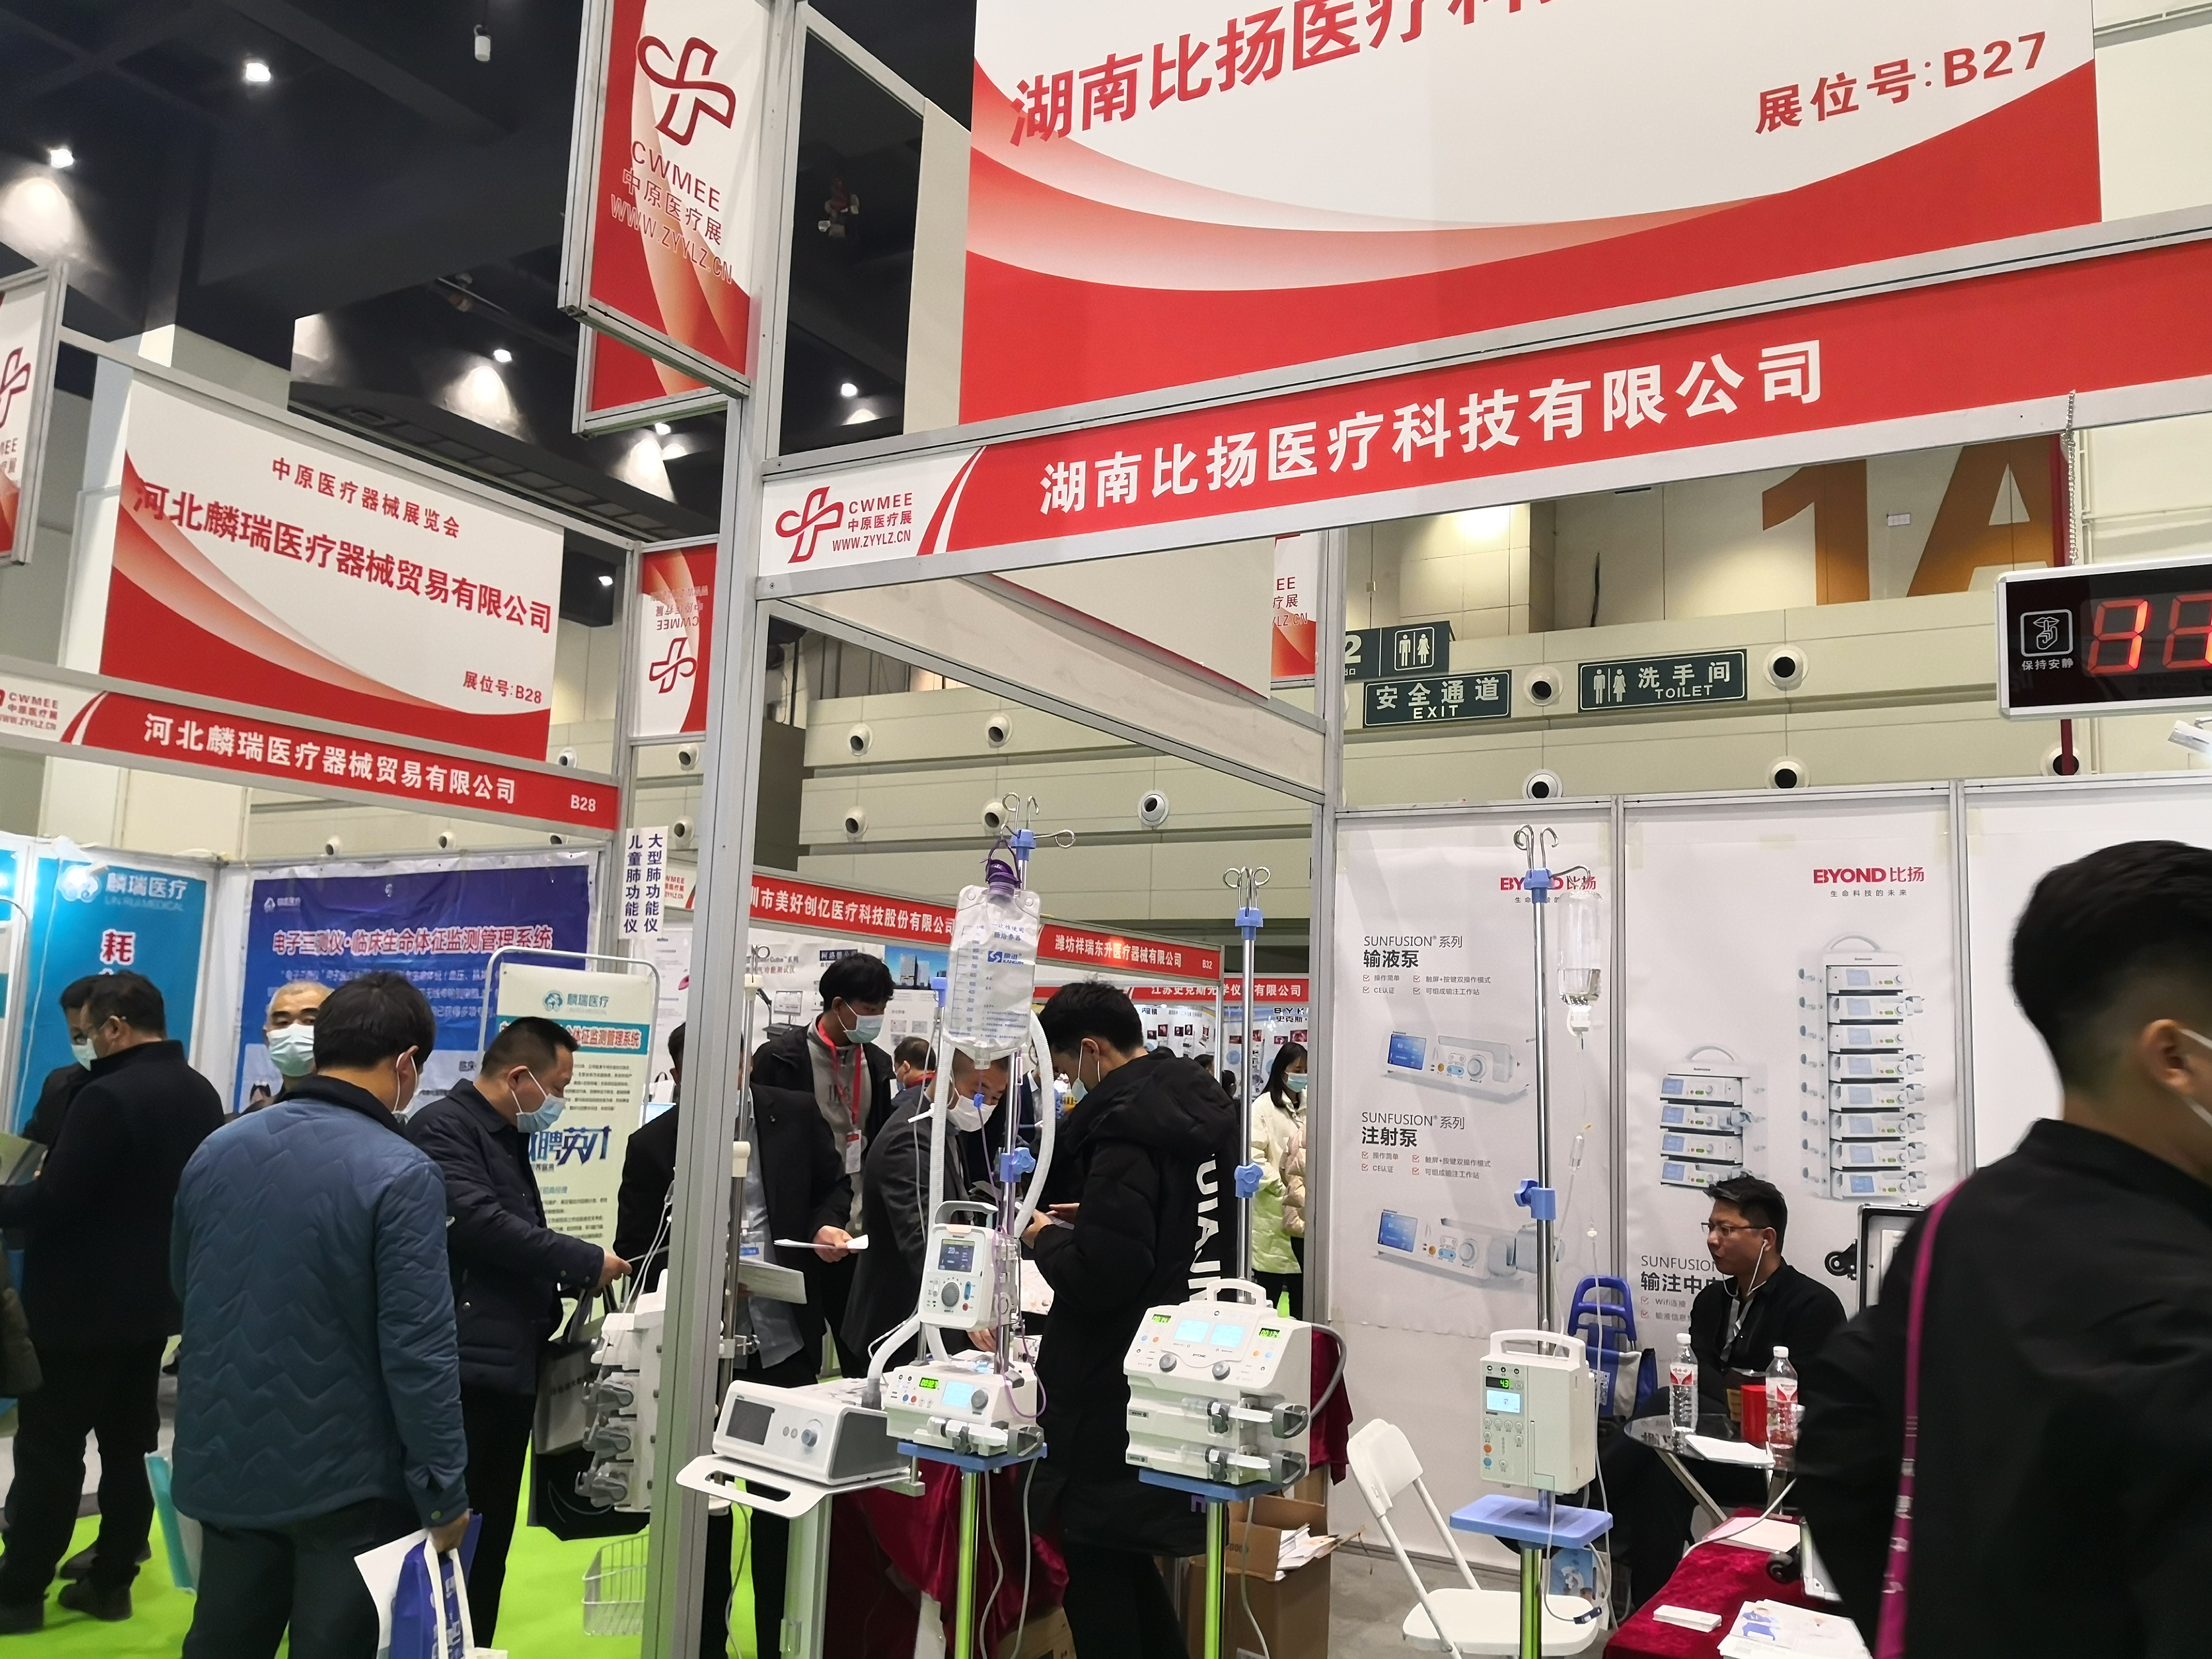 比扬医疗亮相第39届中原医疗器械展览会 彰显国产品牌实力